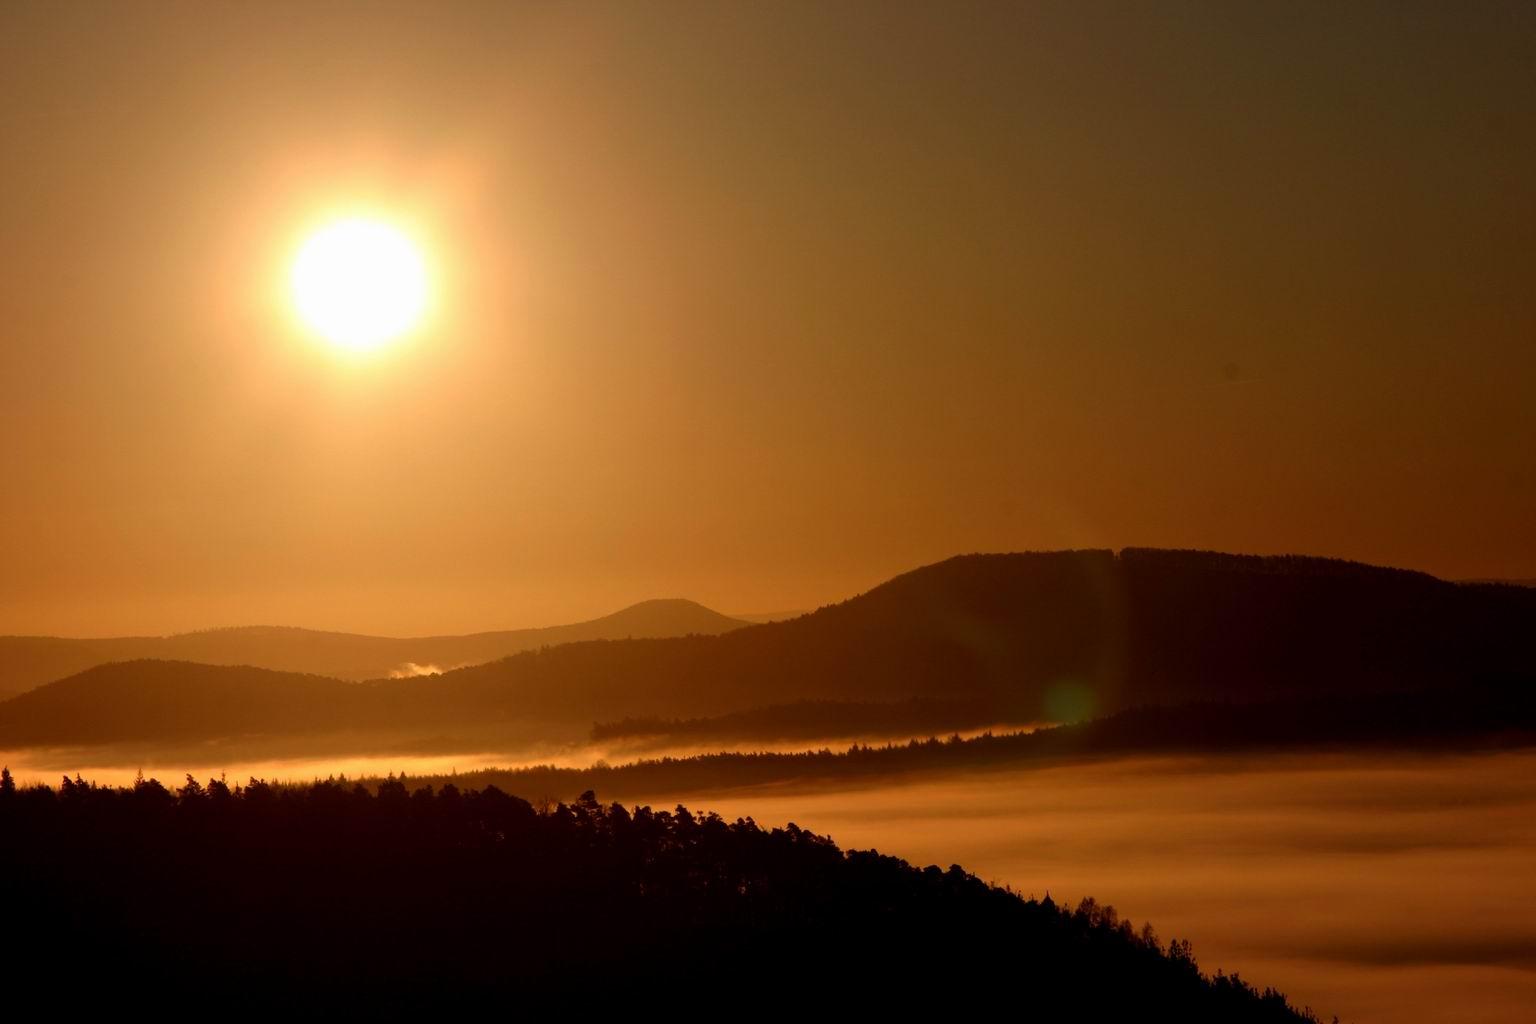 Sonnenaufgang über dem nebligen Pfälzer Wald, ein paar Minuten später